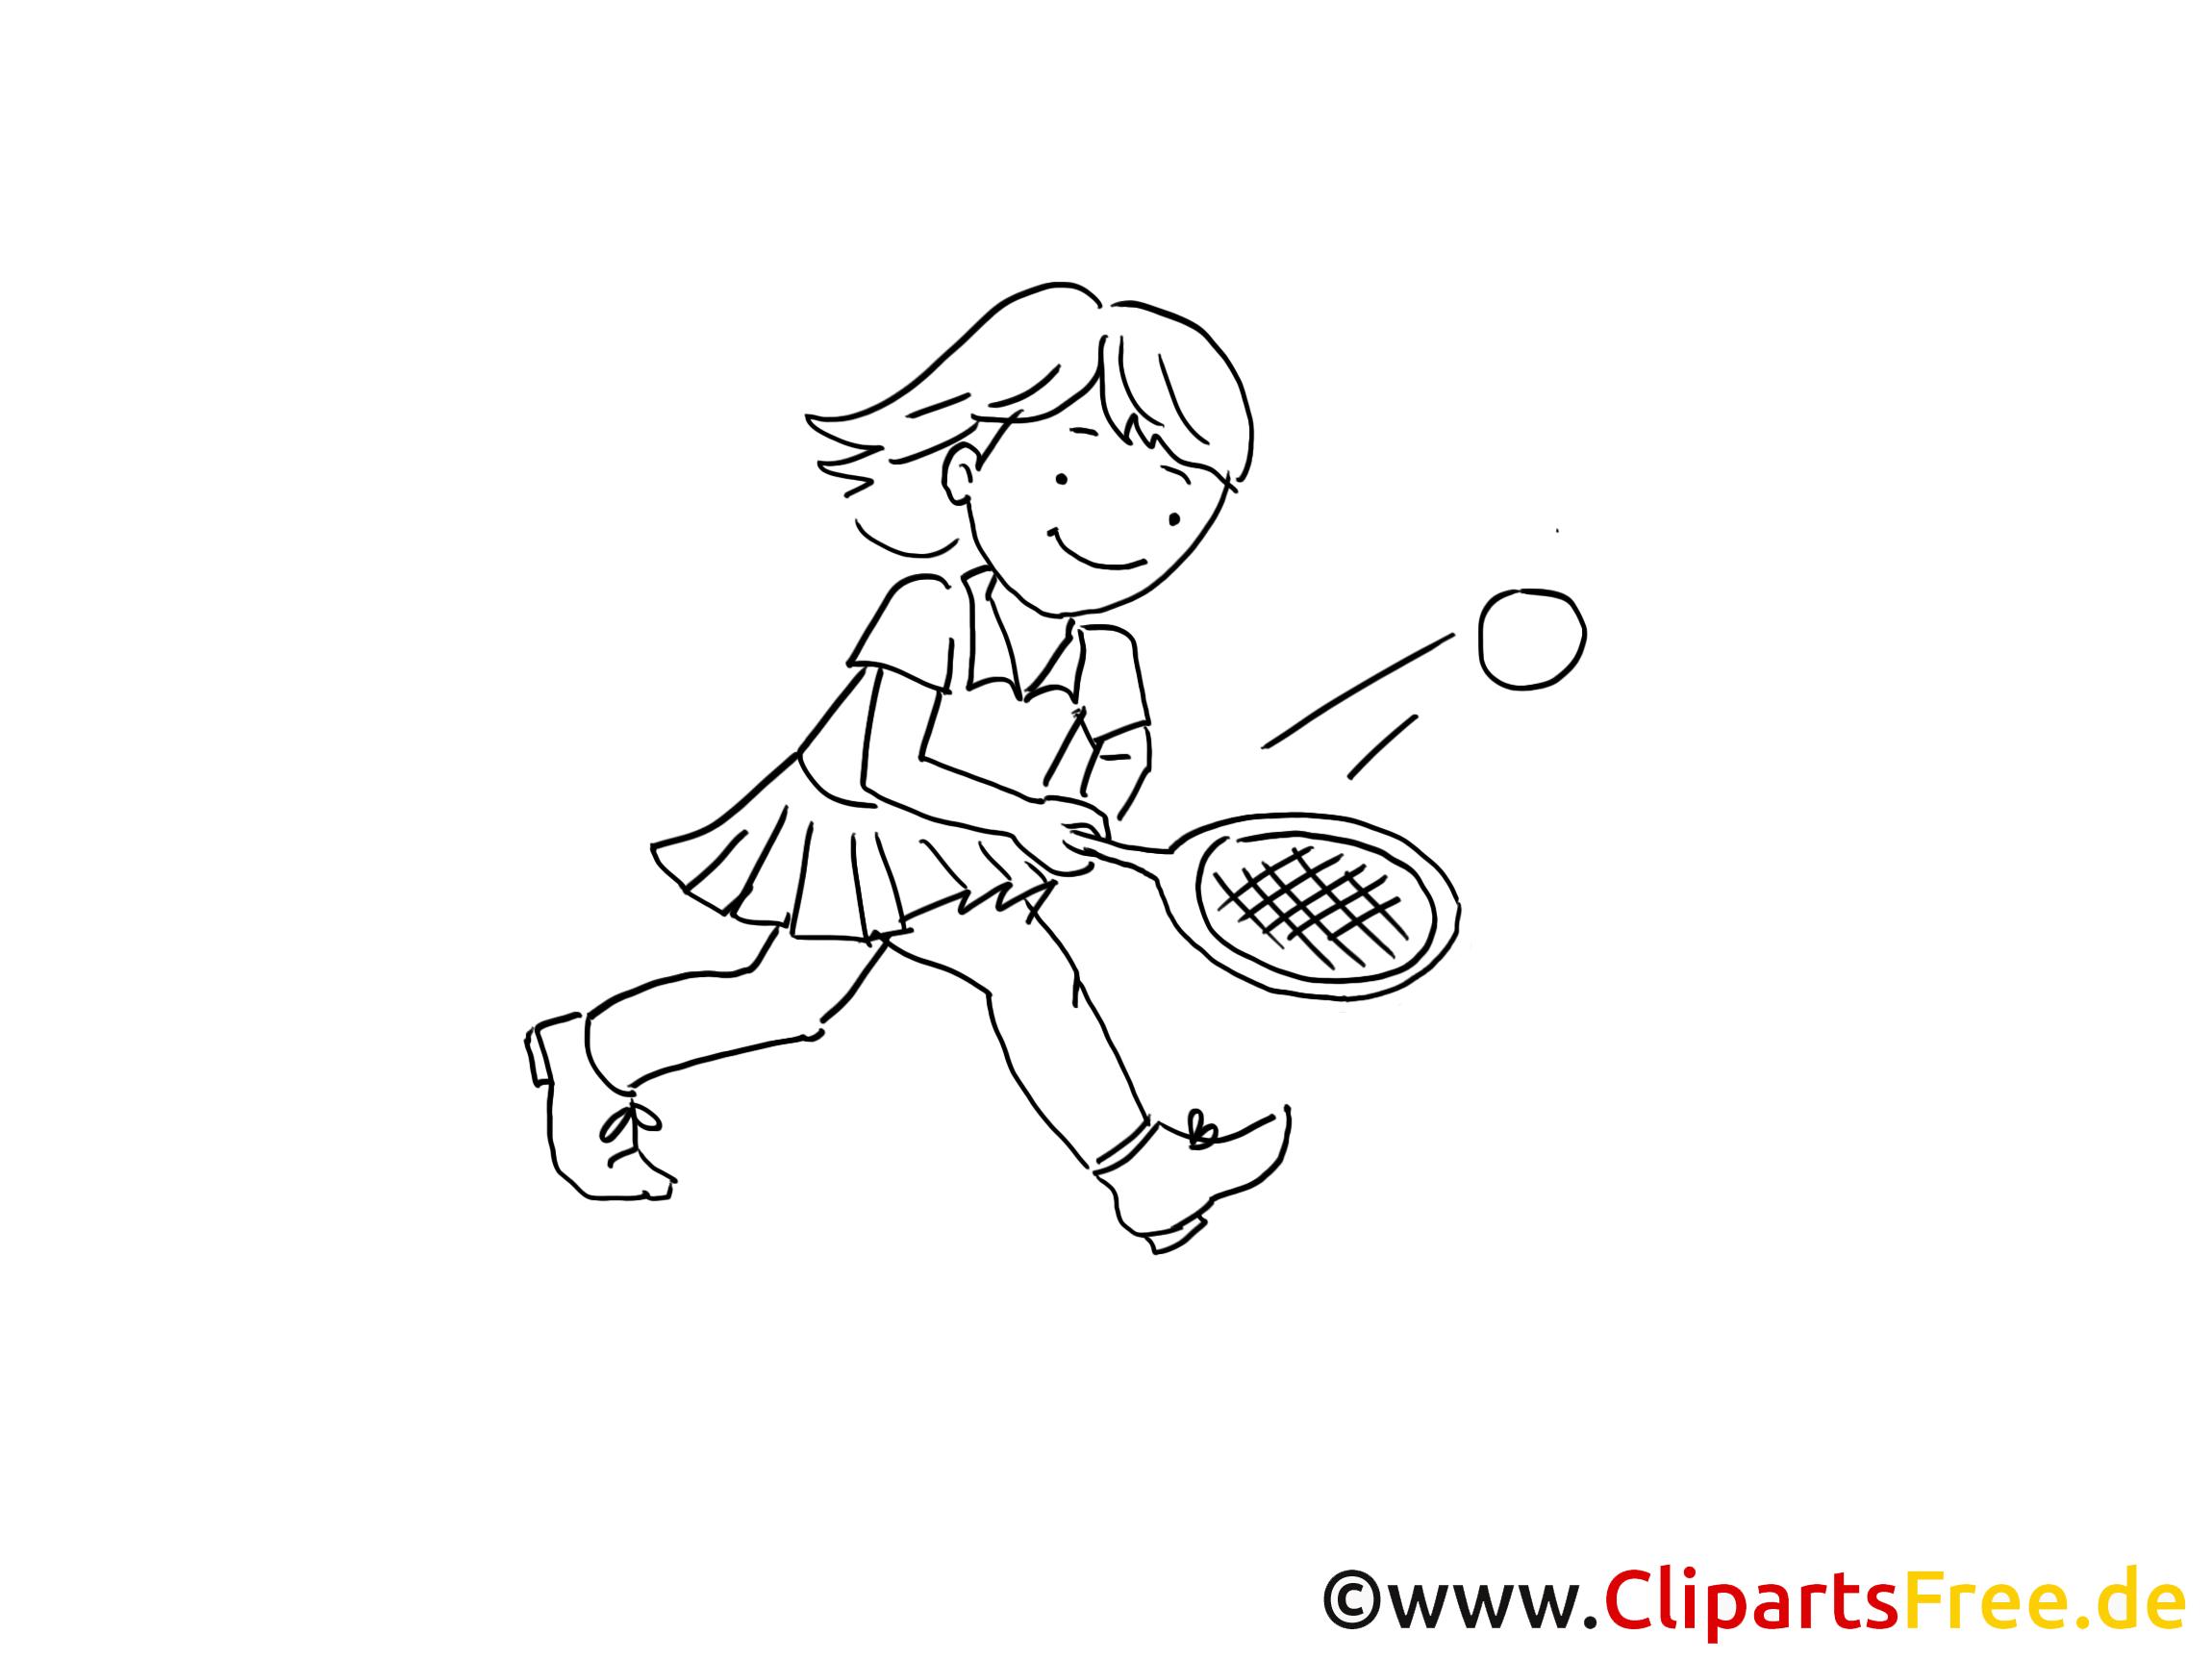 Tennis f r kinder. Cliparts zum ausmalen